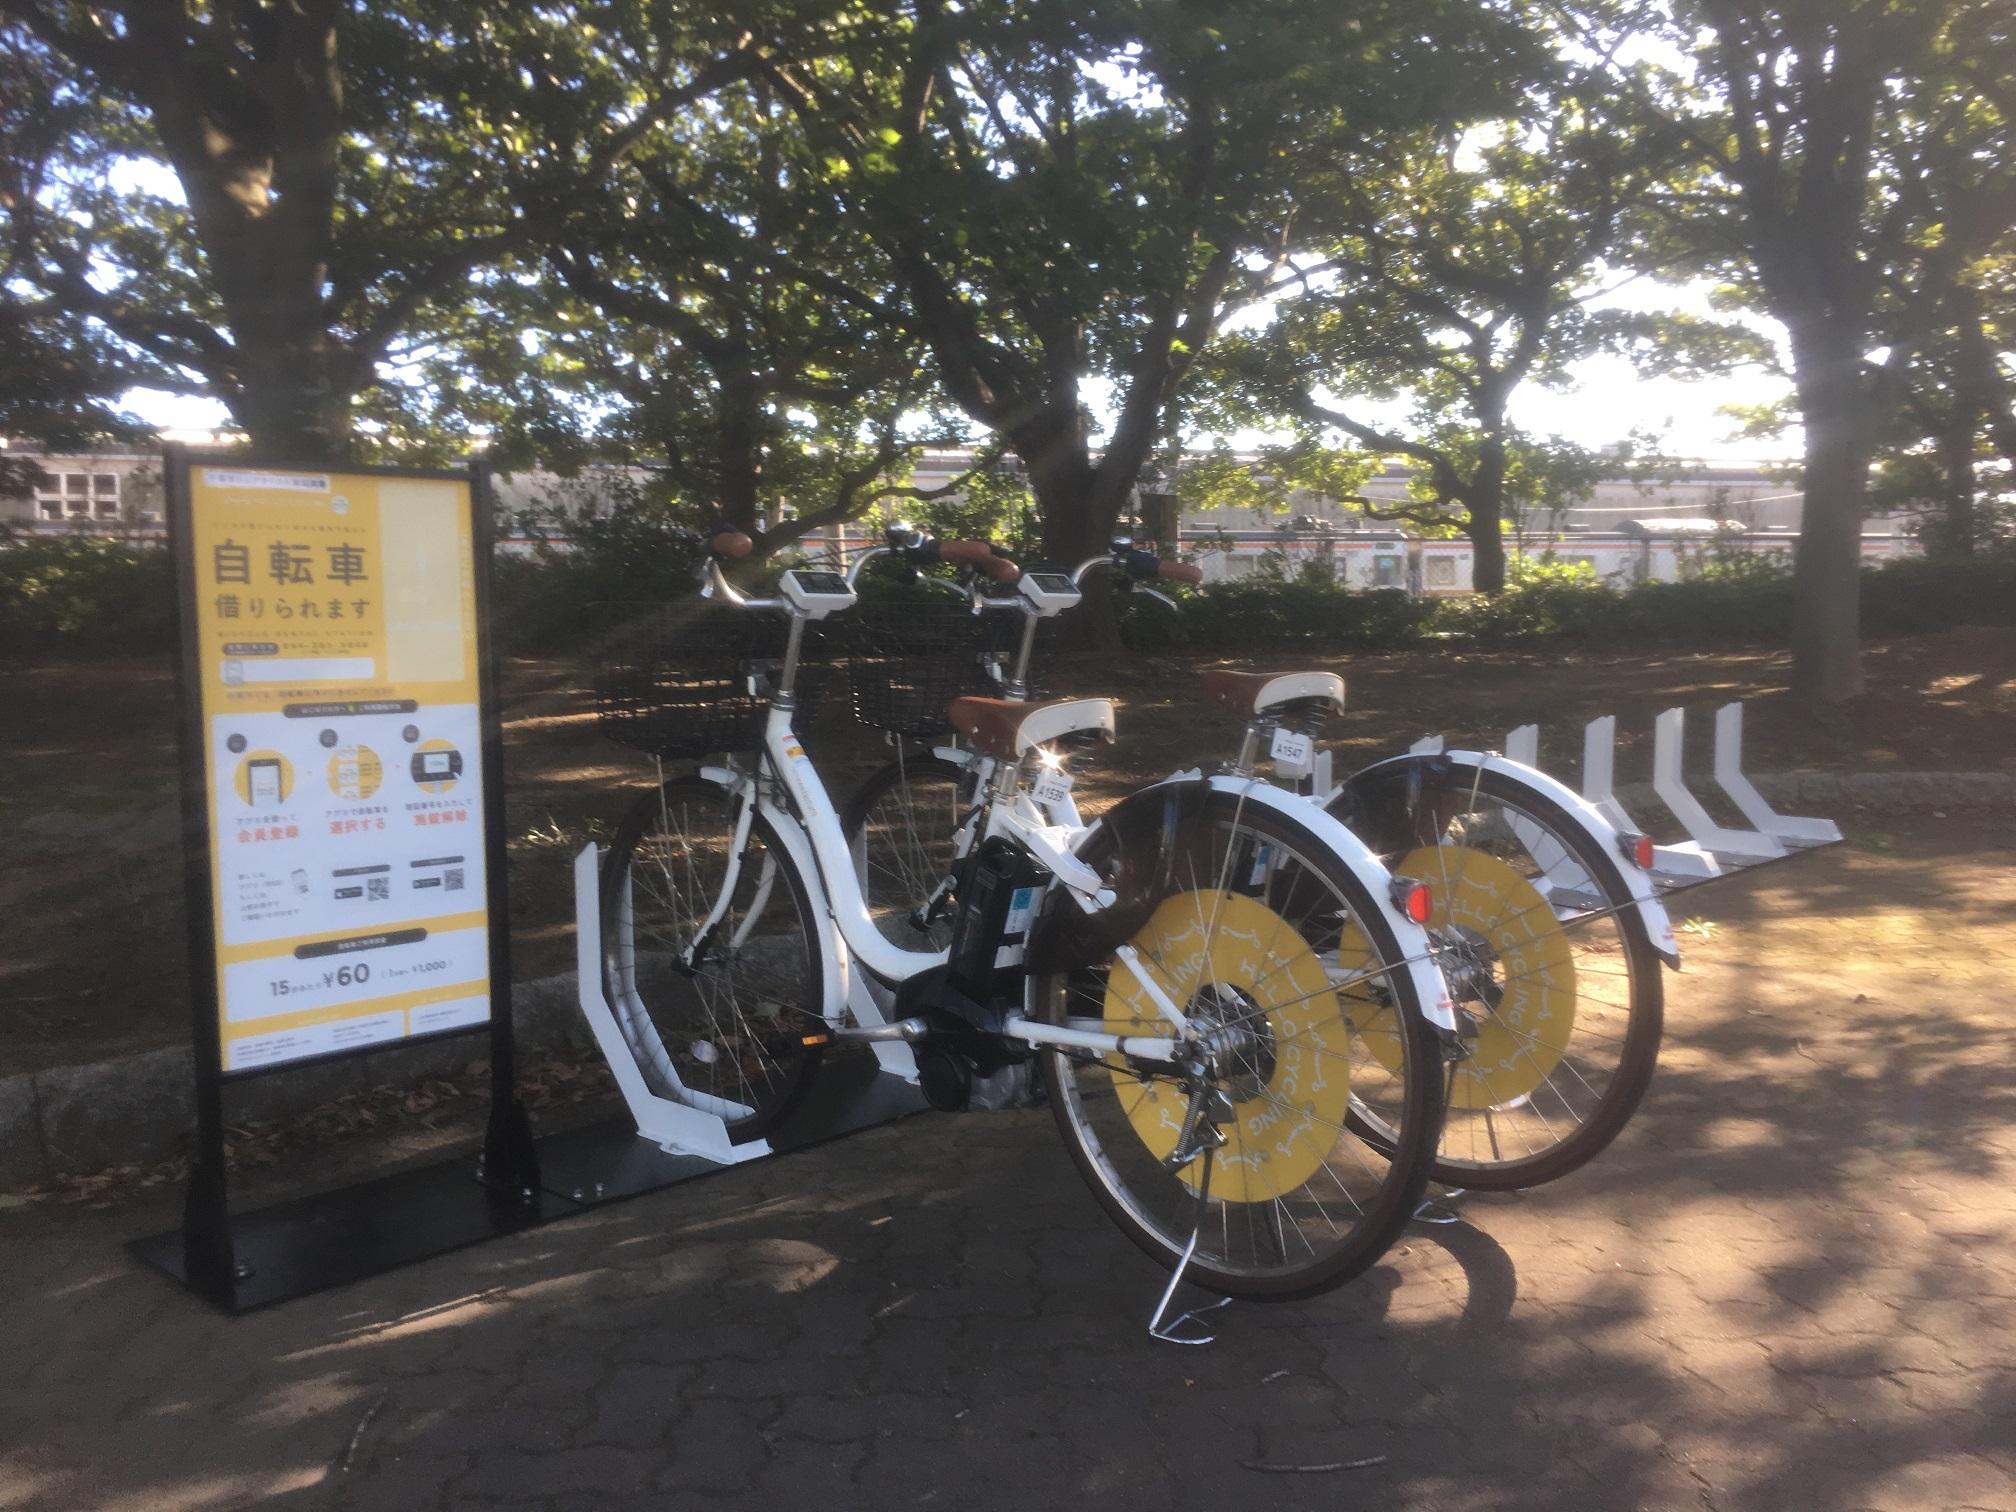 浜田2丁目緑地 千葉県運転免許センター入口 (HELLO CYCLING ポート) image